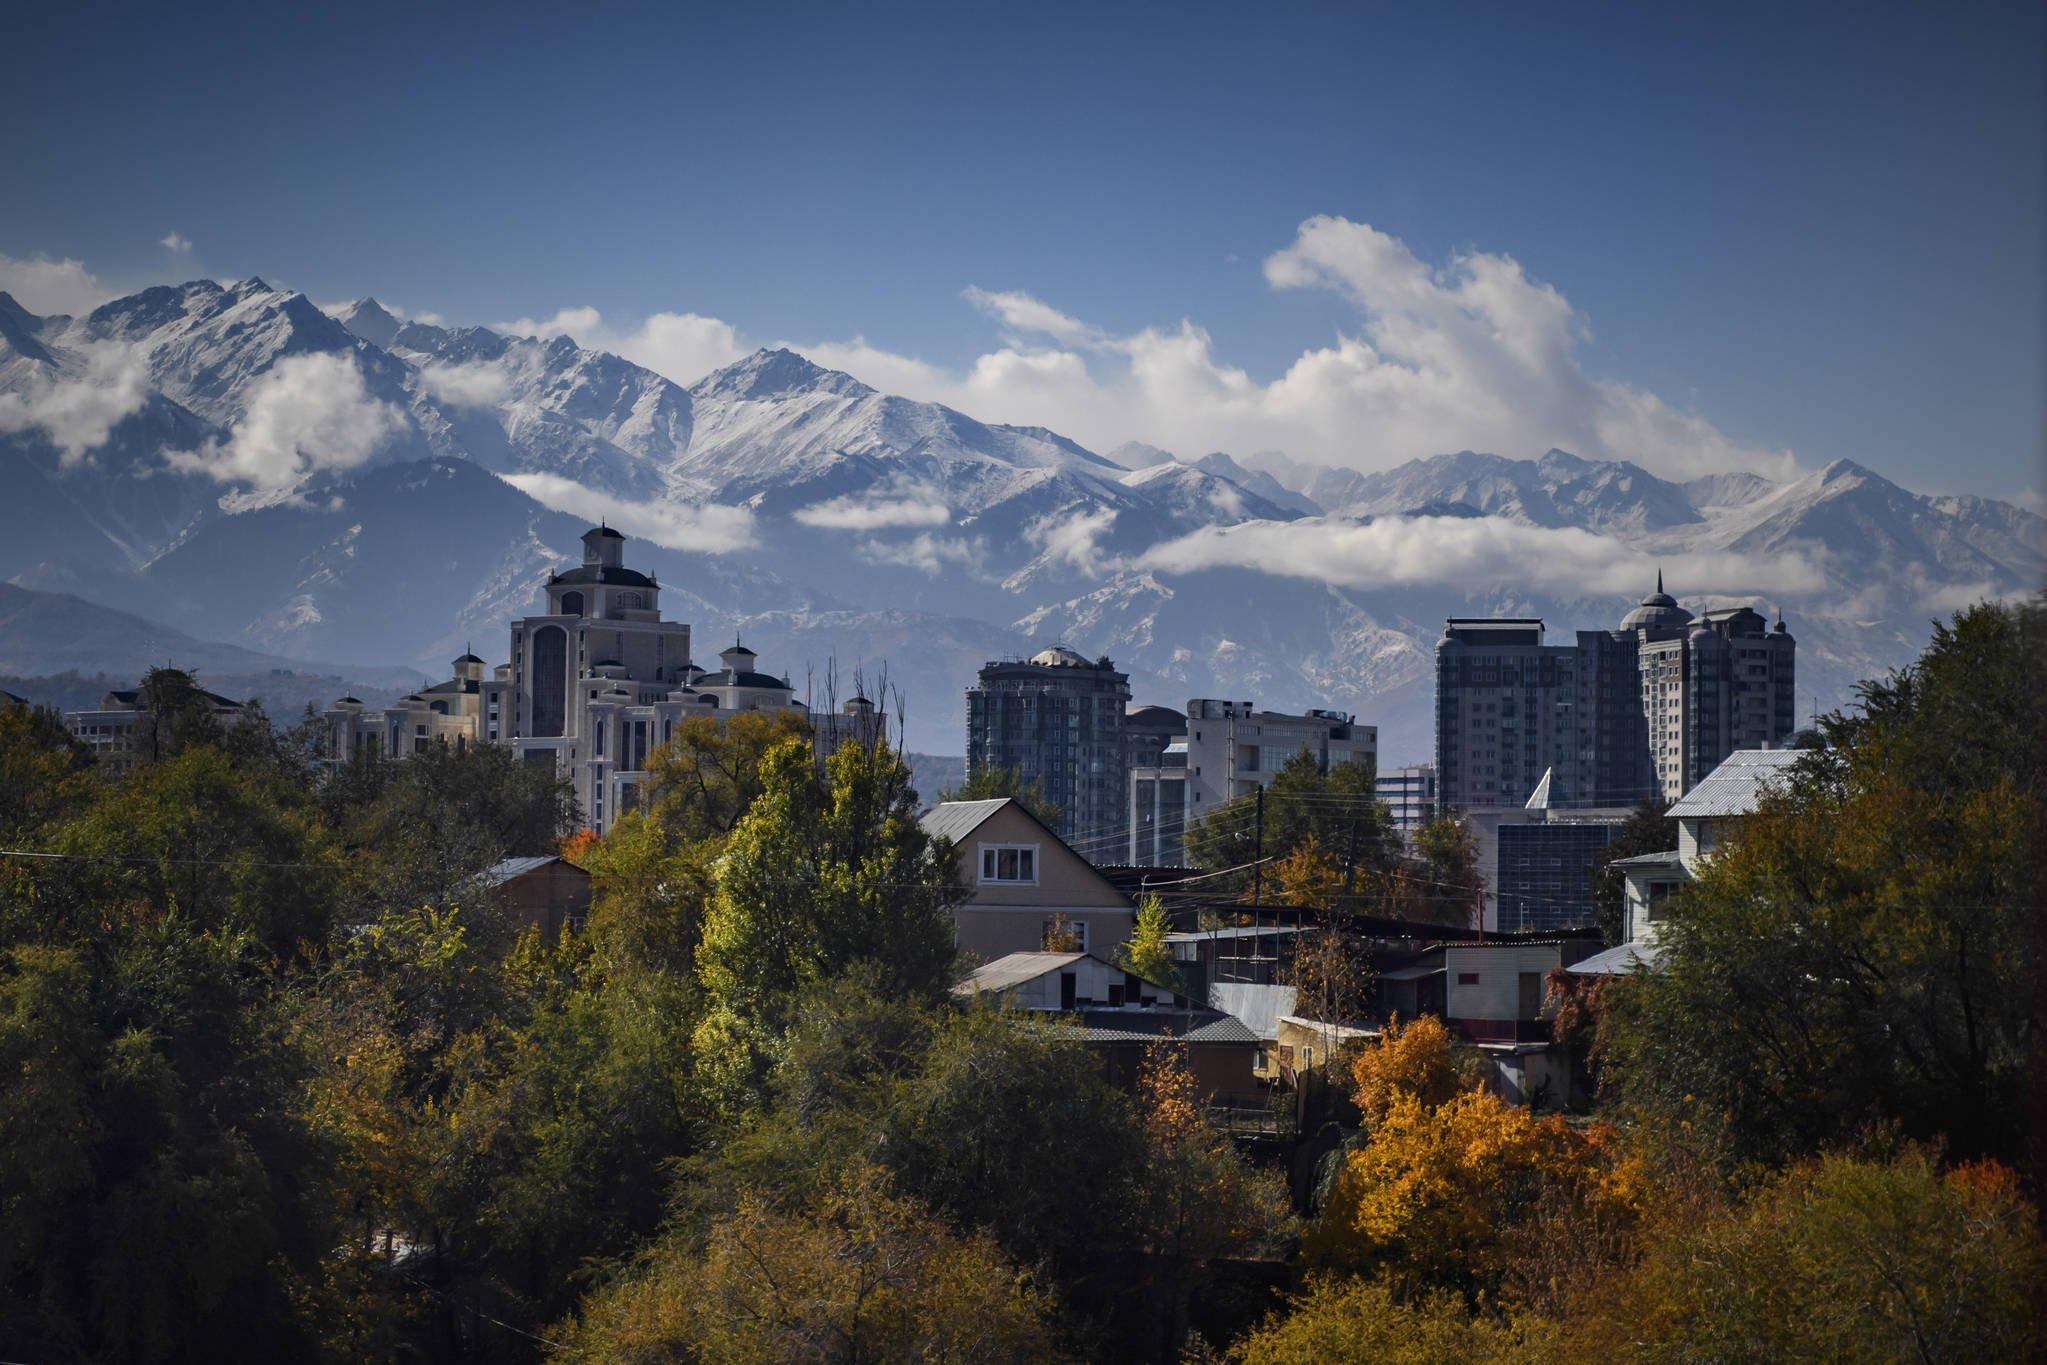 Putovanje Kazahstan - Putevima neistraženih prostranstava (10)